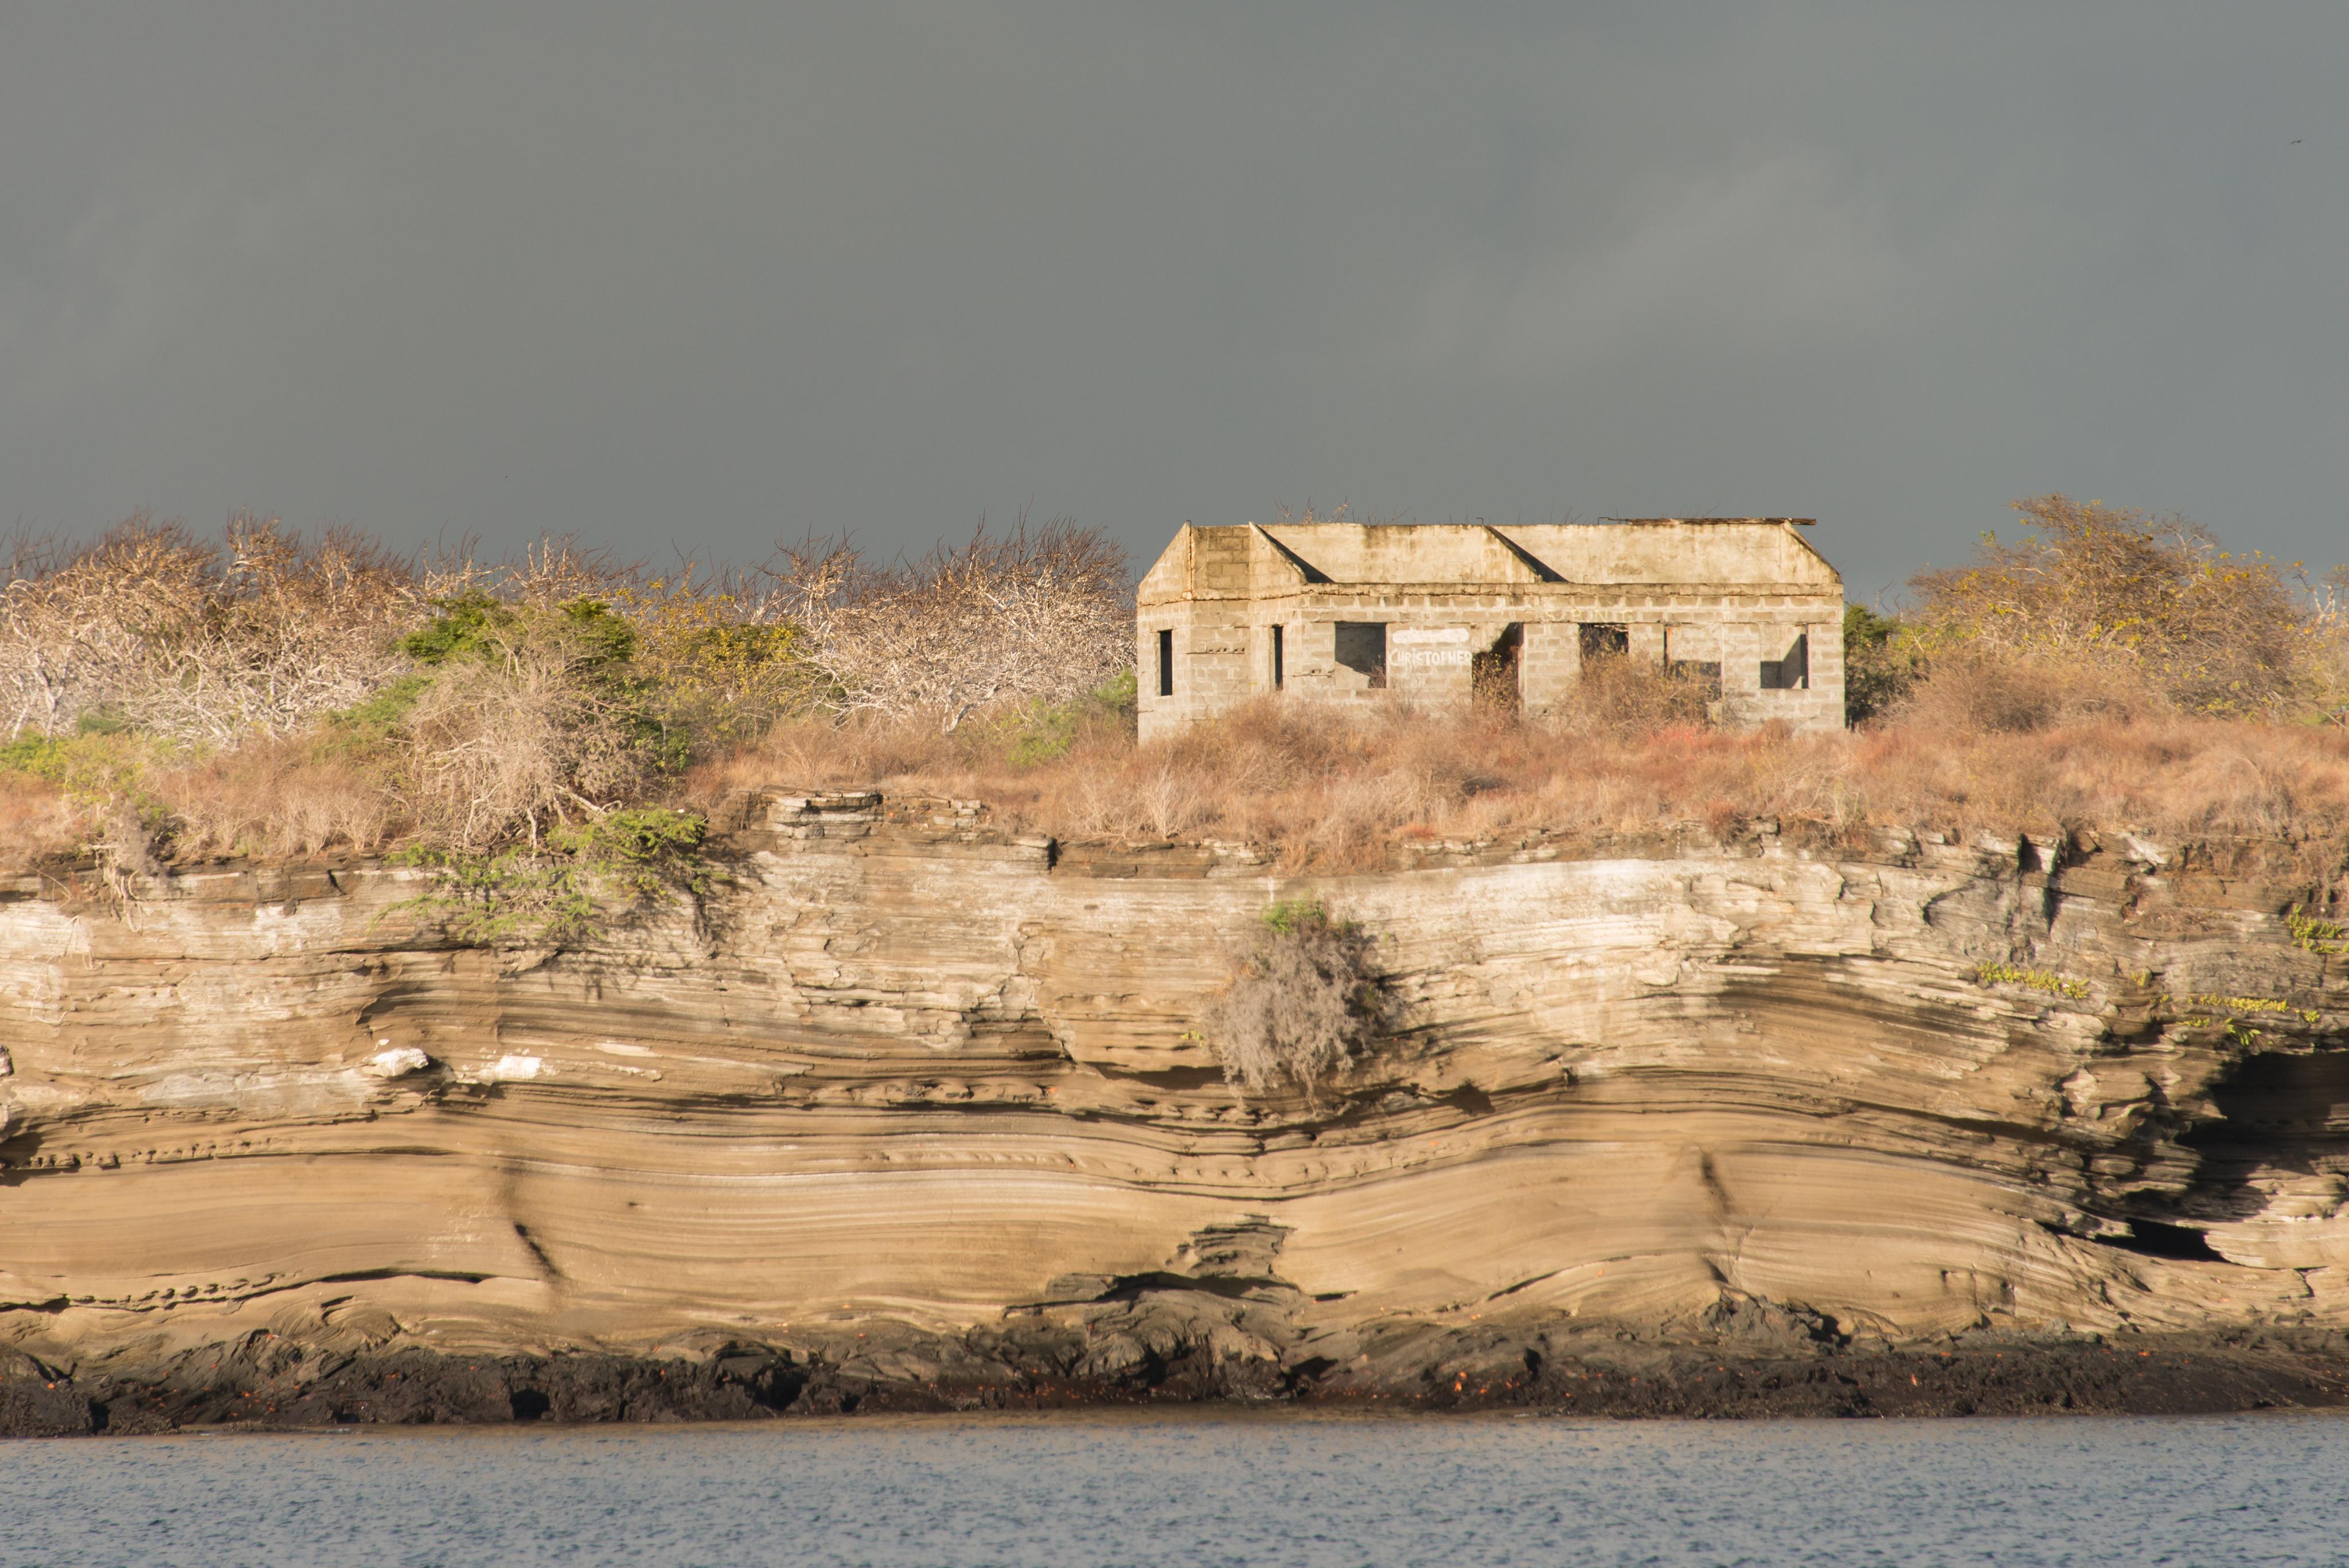 Puerto Egas Salt Mine Ruins